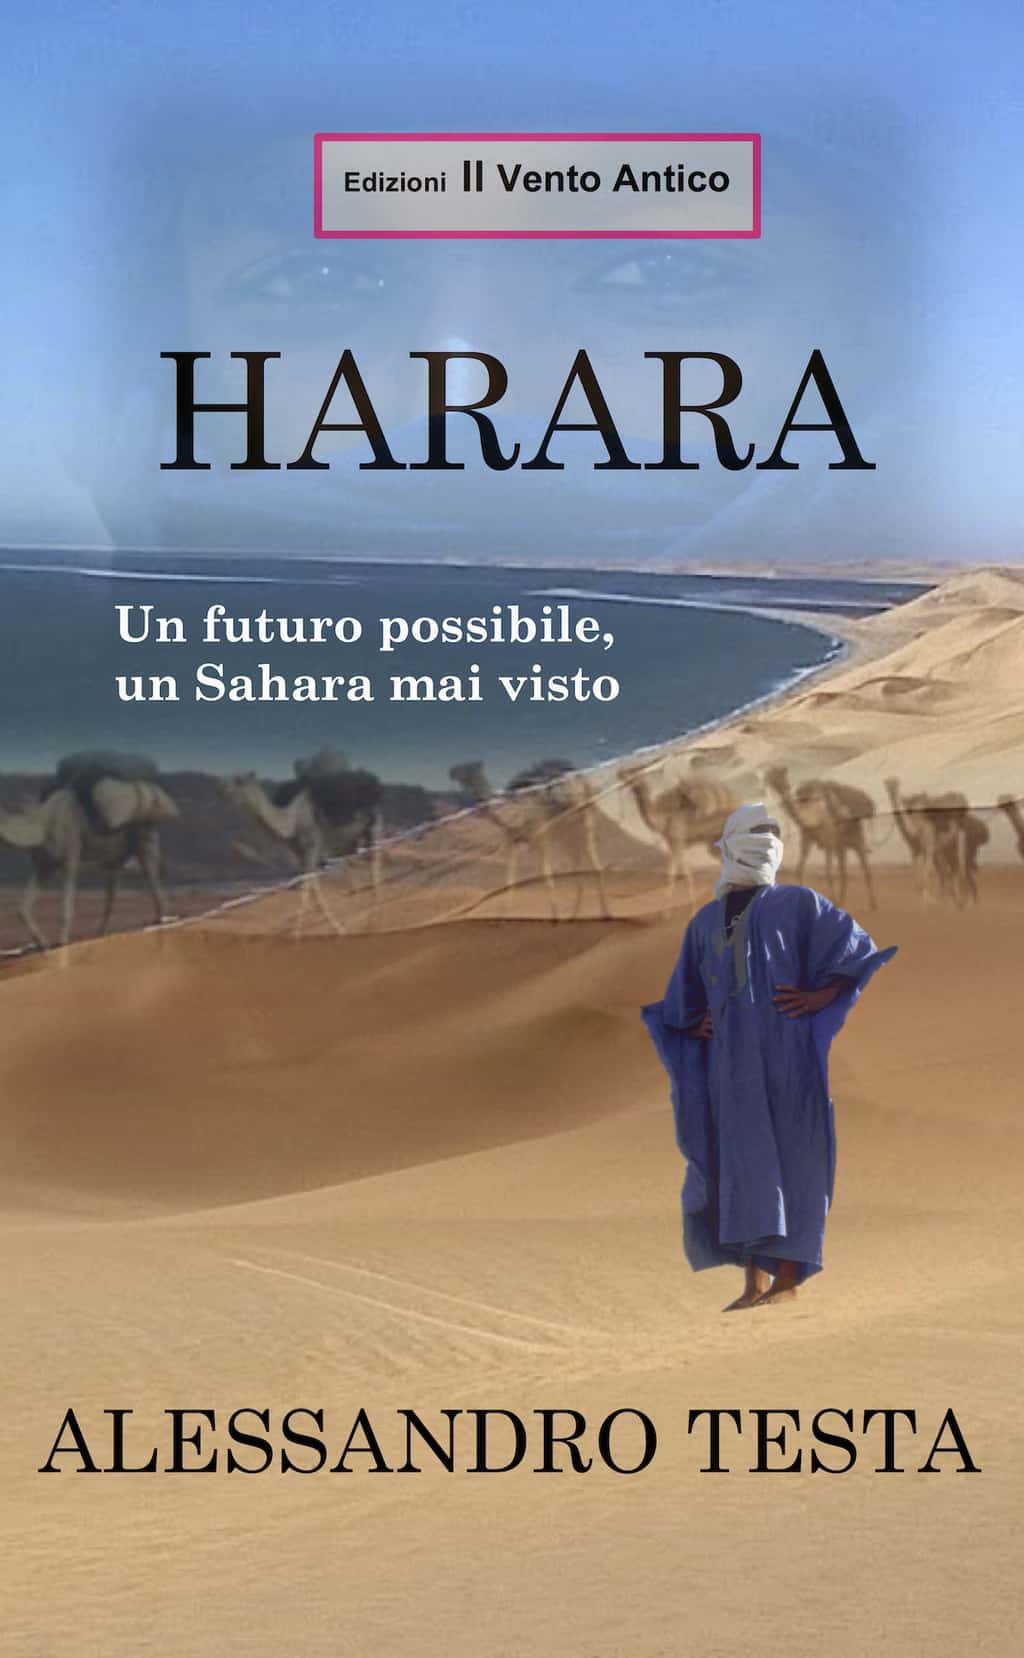 Harara